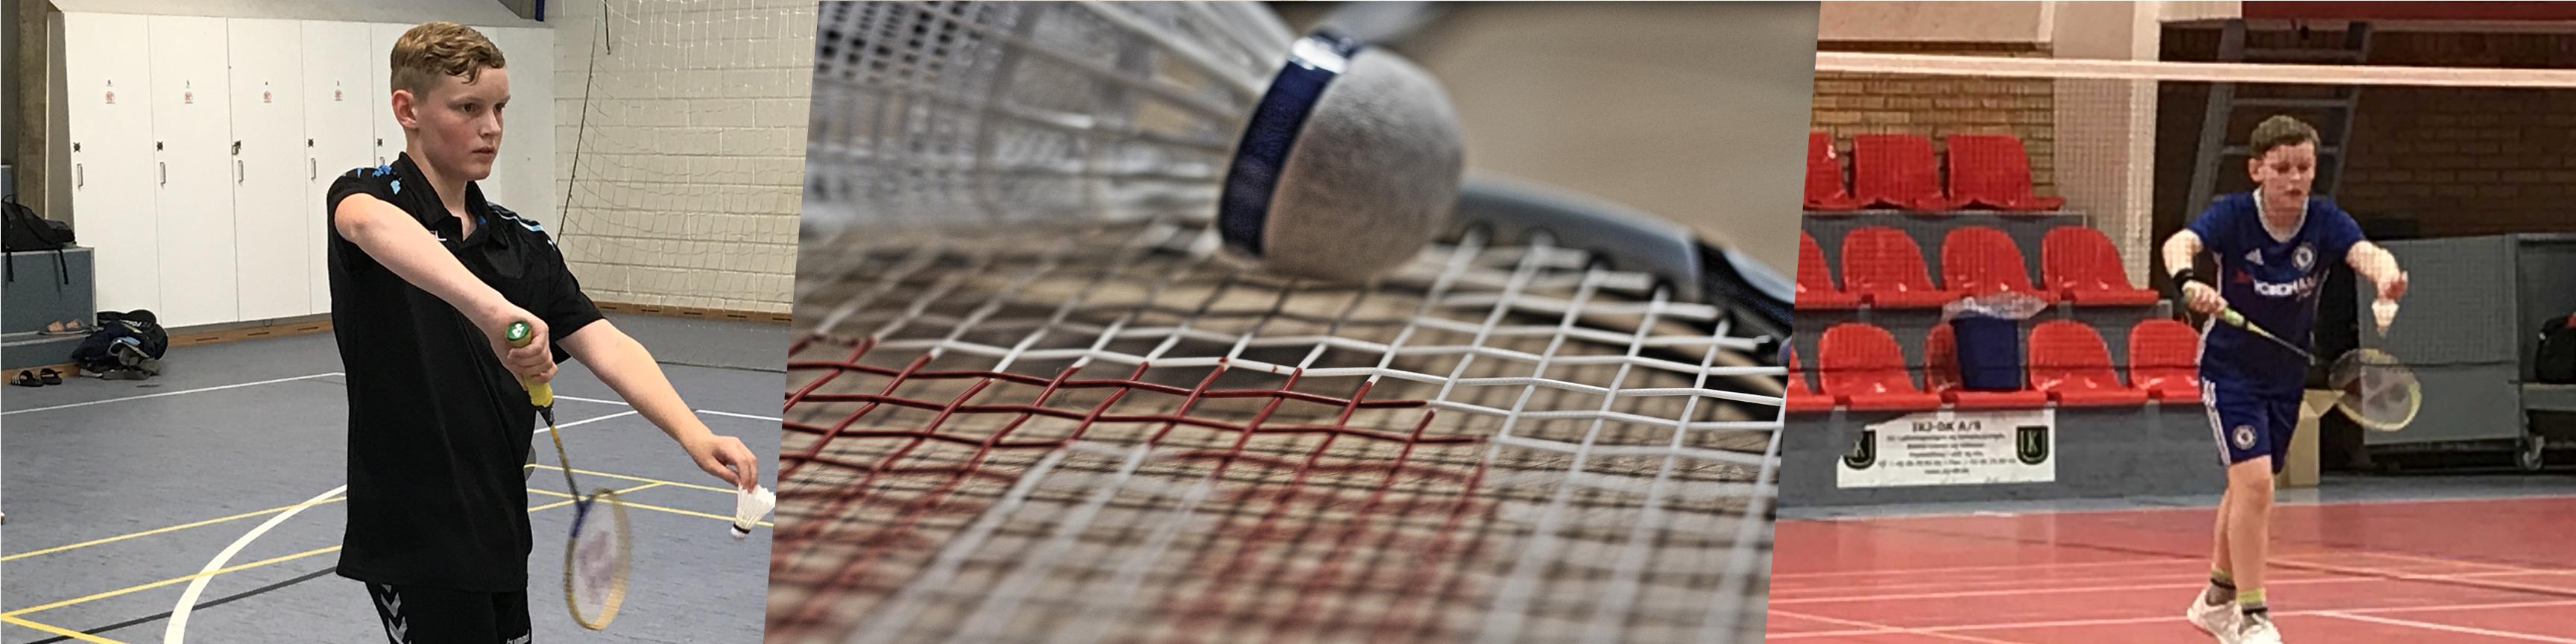 Badminton_topfoto_ny